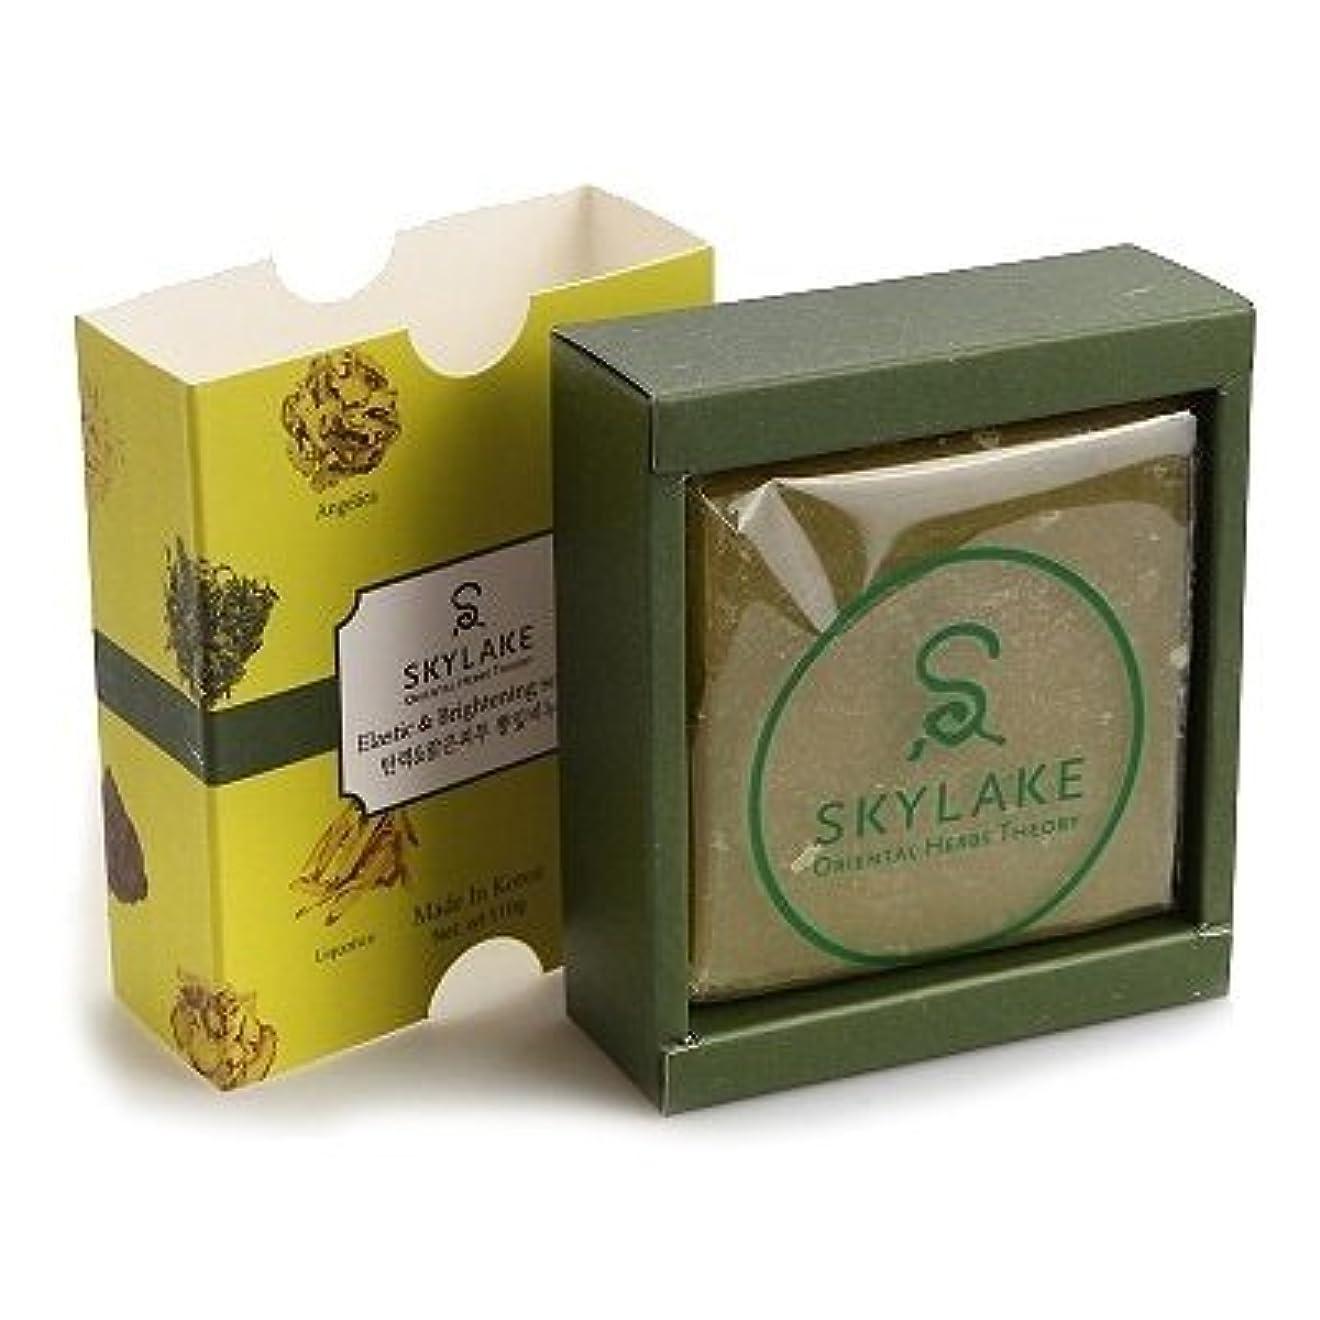 燃やす世界に死んだ有効化ハヌルホス[Skylake] 漢方アロマ石鹸Oriental Herbs Theory Soap (ハリ改.善&ブライトニング用)